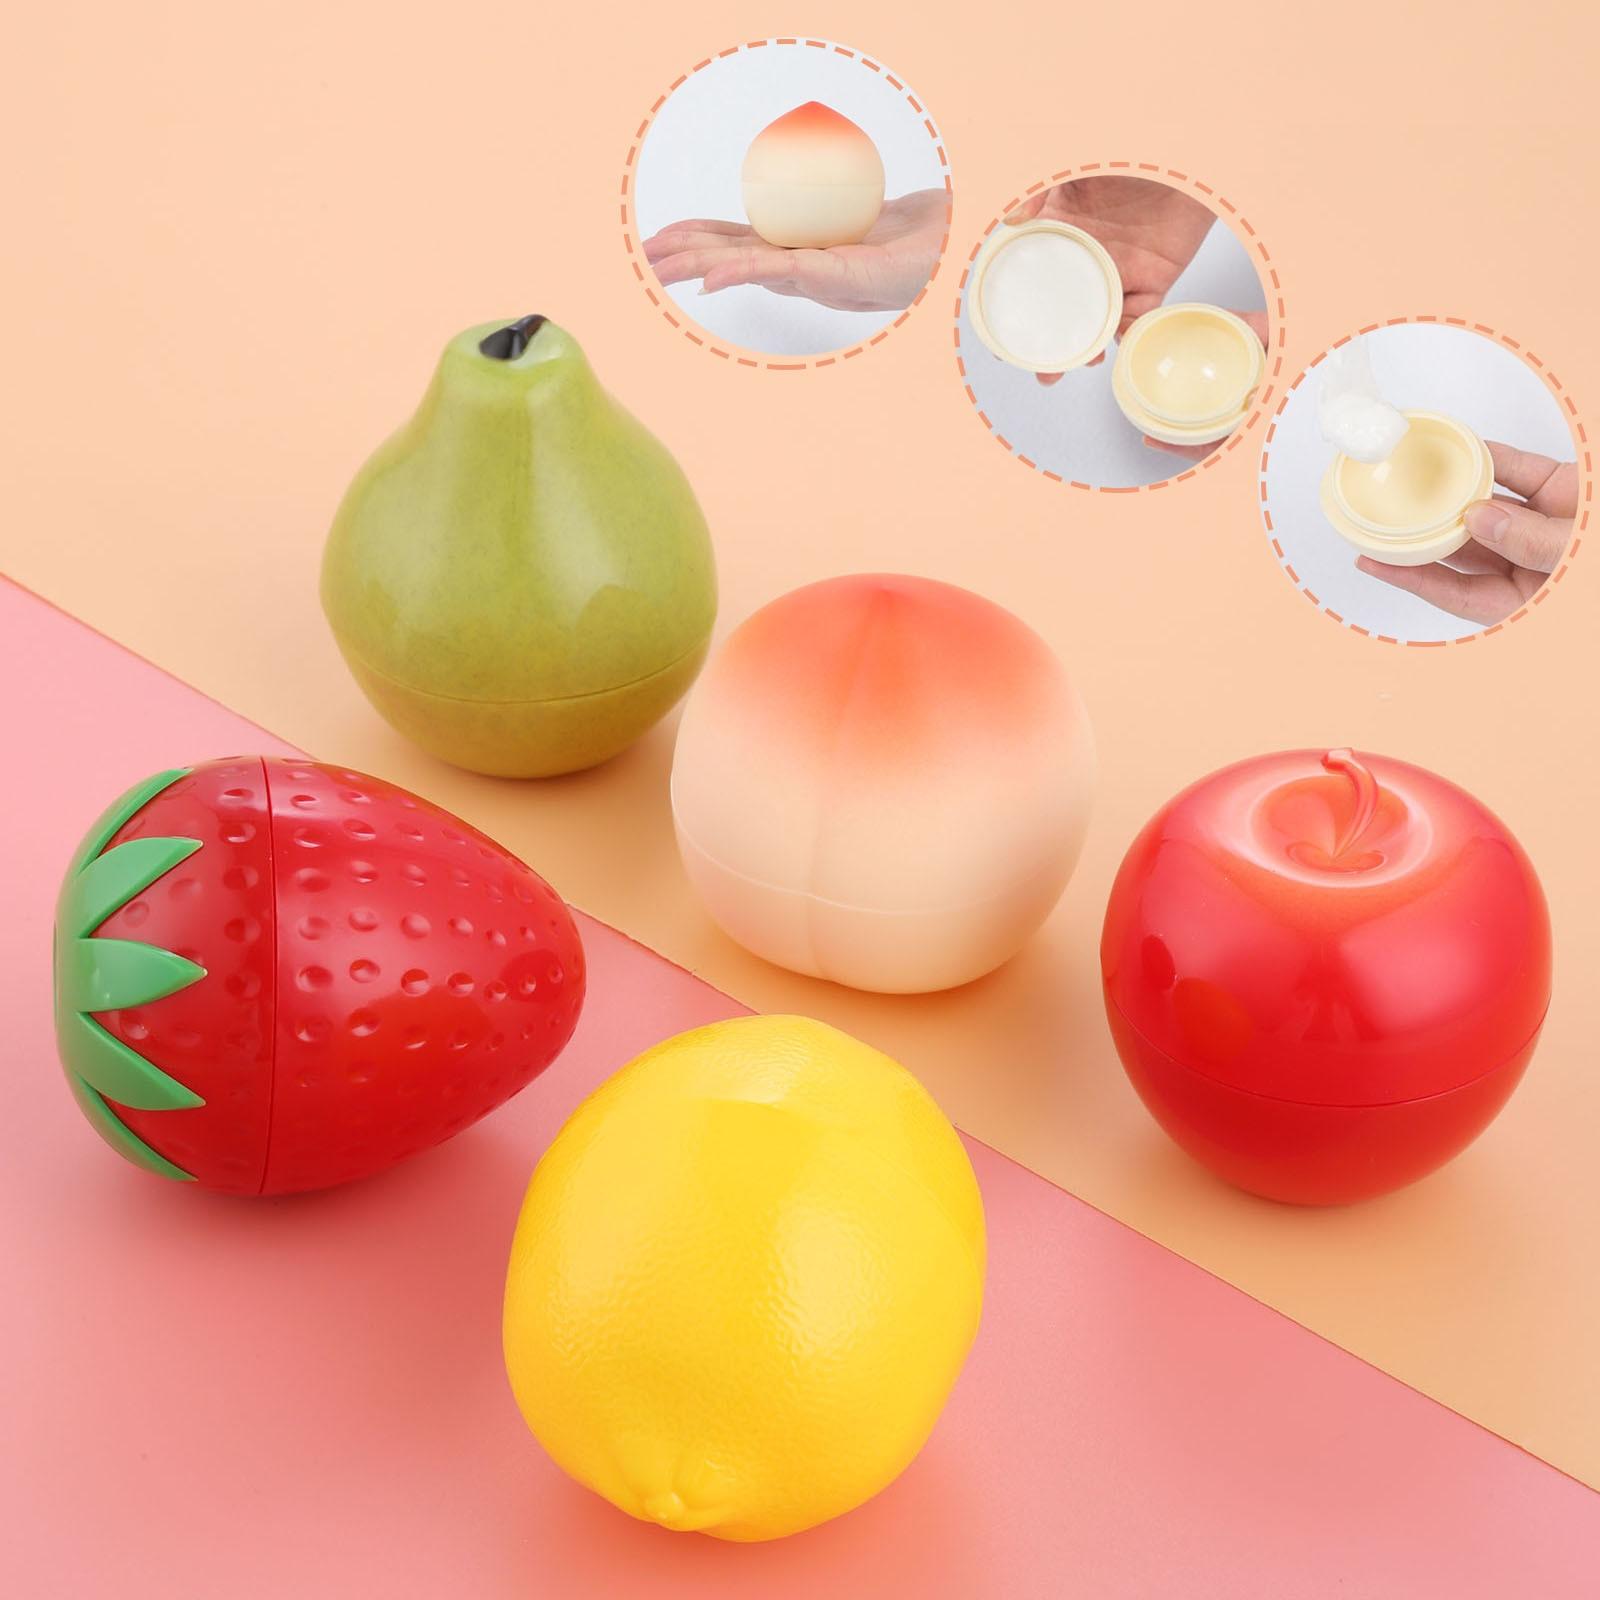 Frasco de crema de plástico vacío, envase cosmético de pera, melocotón, manzana, fresa, frasco forma fruta crema y fruta, botella vacía de viaje, 1 unidad